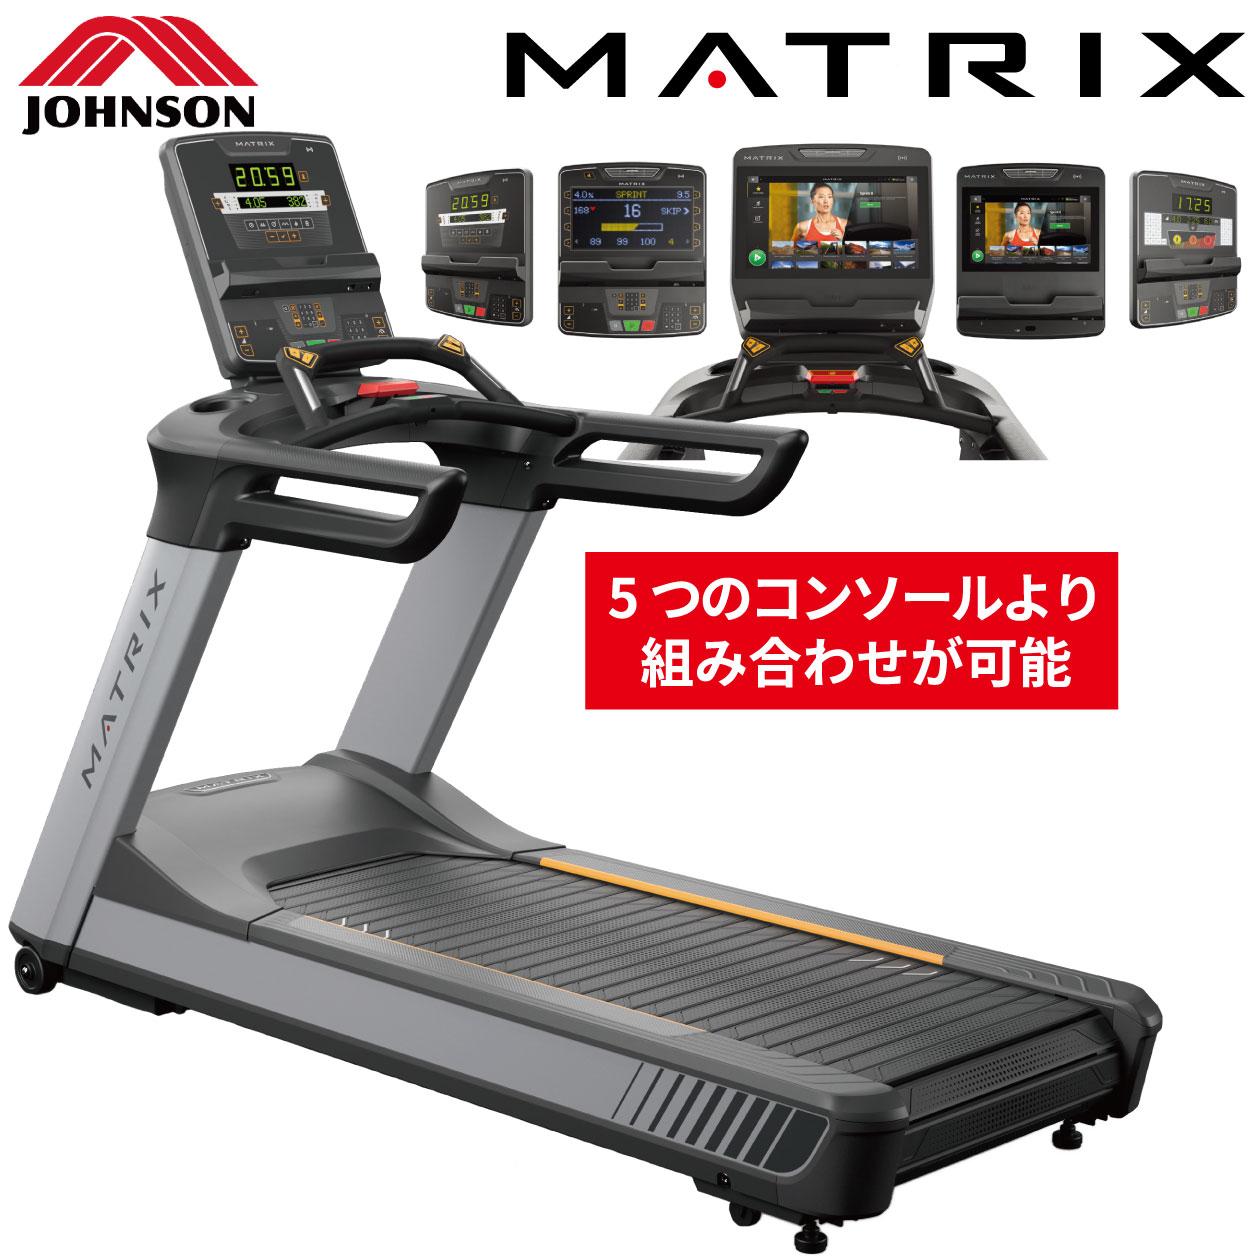 PERFORMANCE PLUS(パフォーマンスプラス)/業務用ランニングマシン〈業務用MATRIX〉《ジョンソンヘルステック》